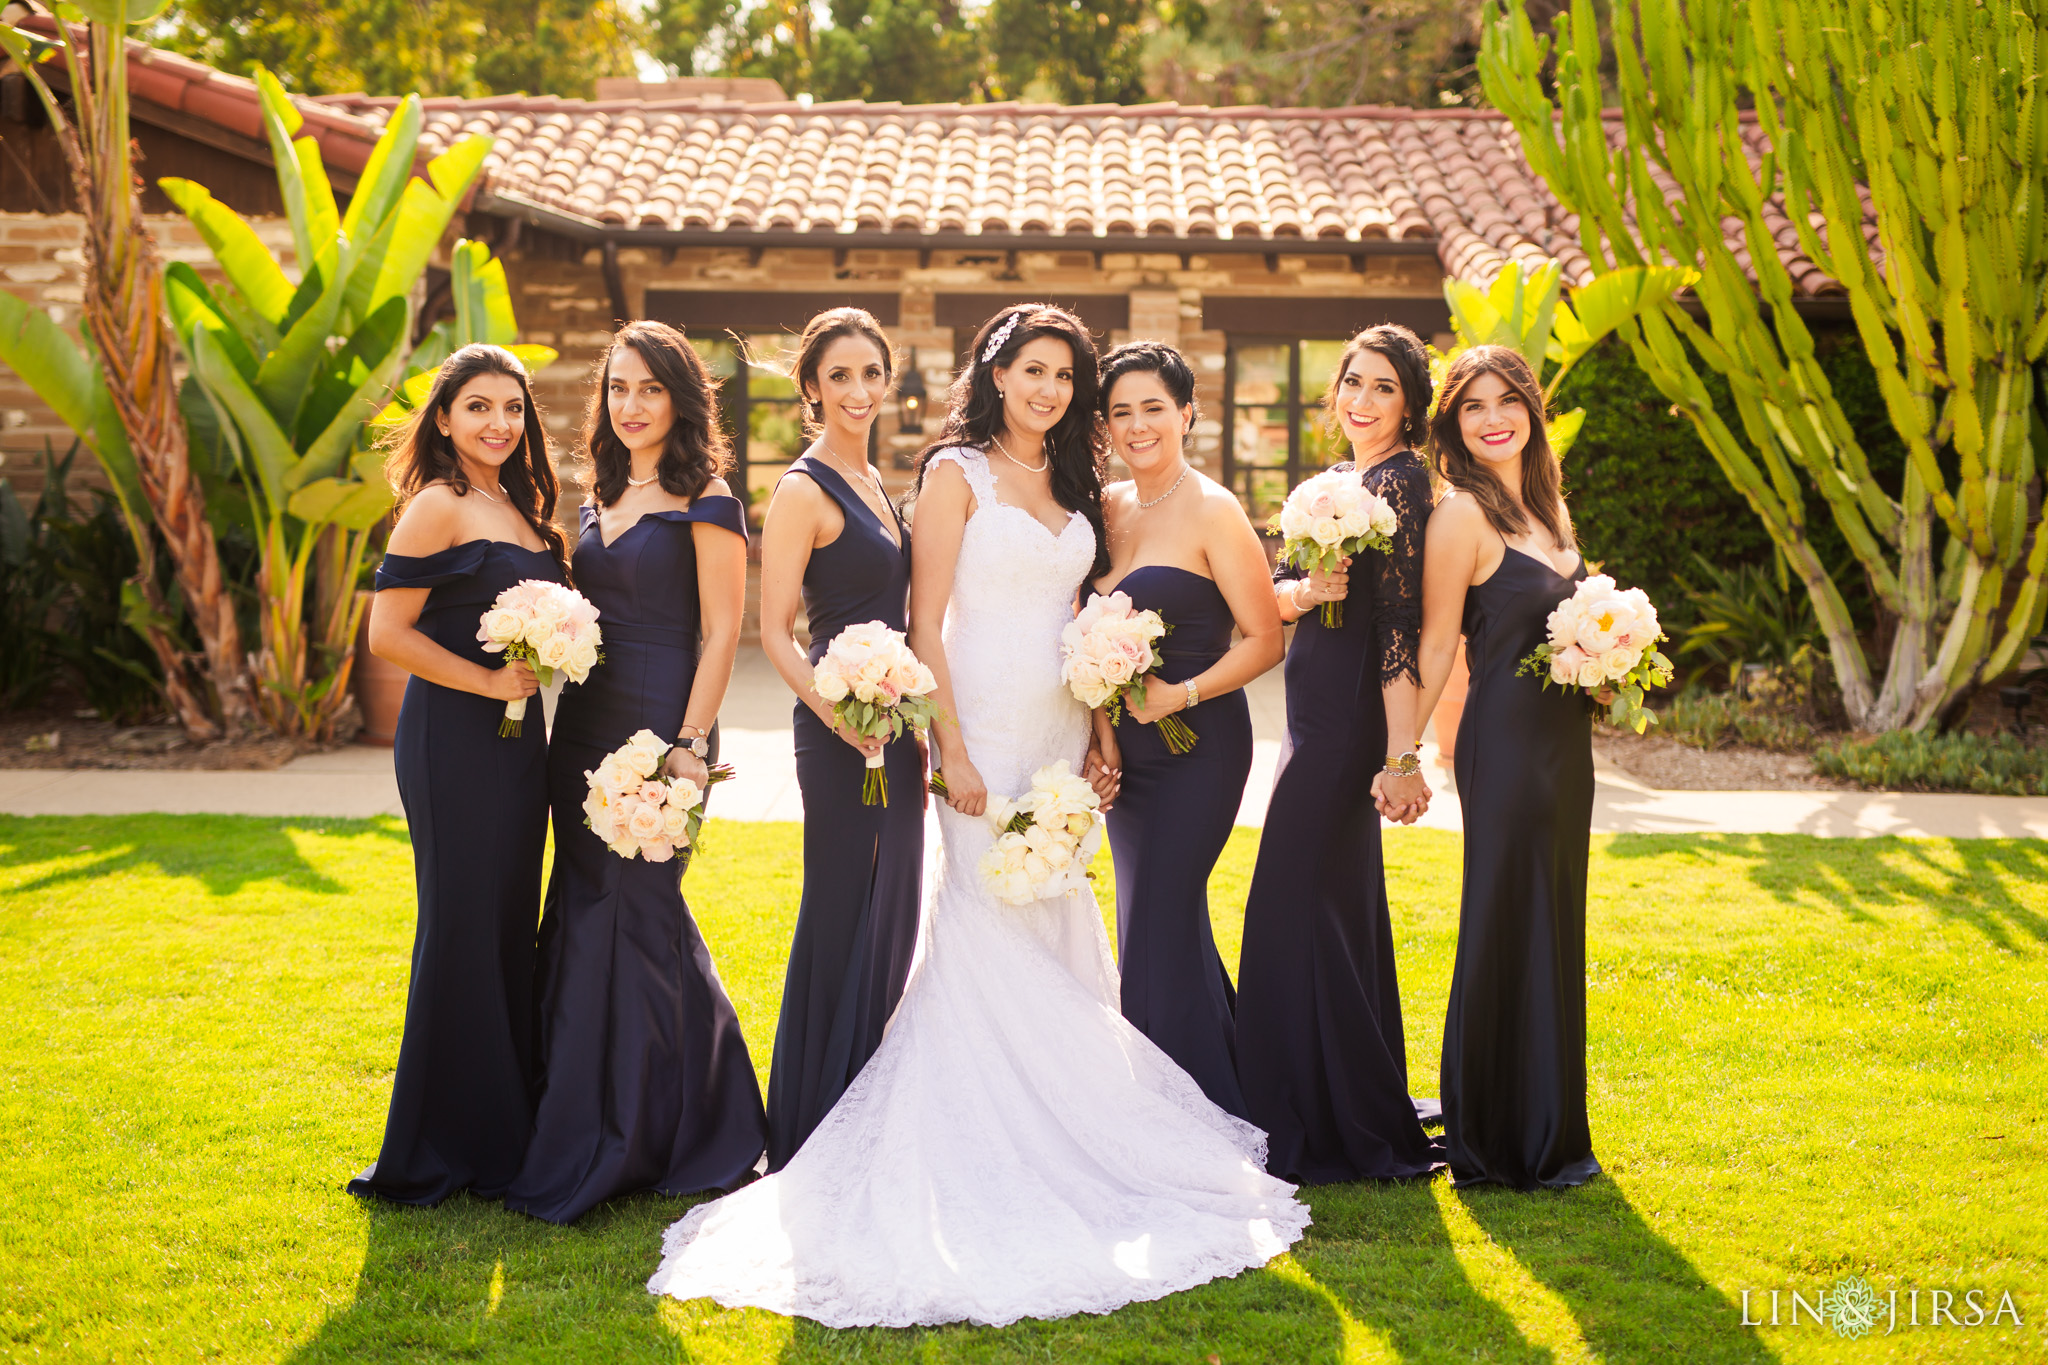 011 estancia la jolla hotel spa persian bridesmaids wedding photography